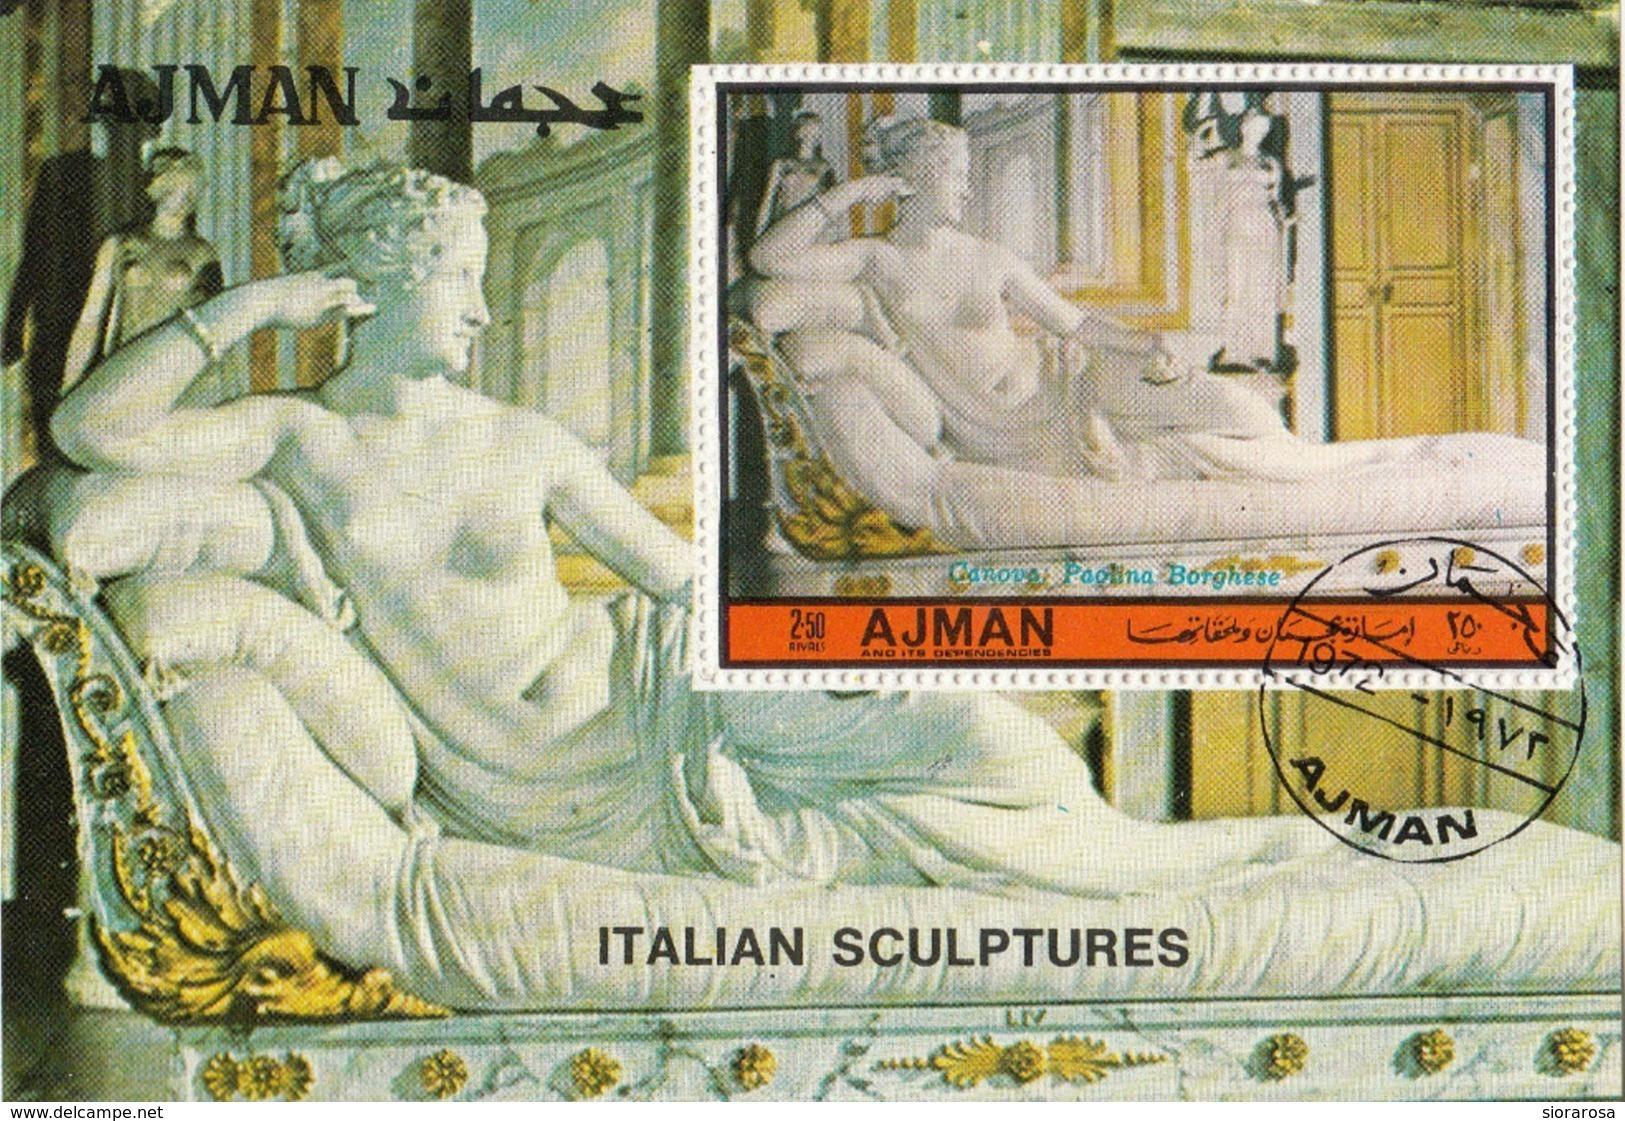 Ajman 1972 Paolina Borghese Come Venere - Scultura In Marmo Di Antonio Canova Sheet Perf. CTO - Ajman